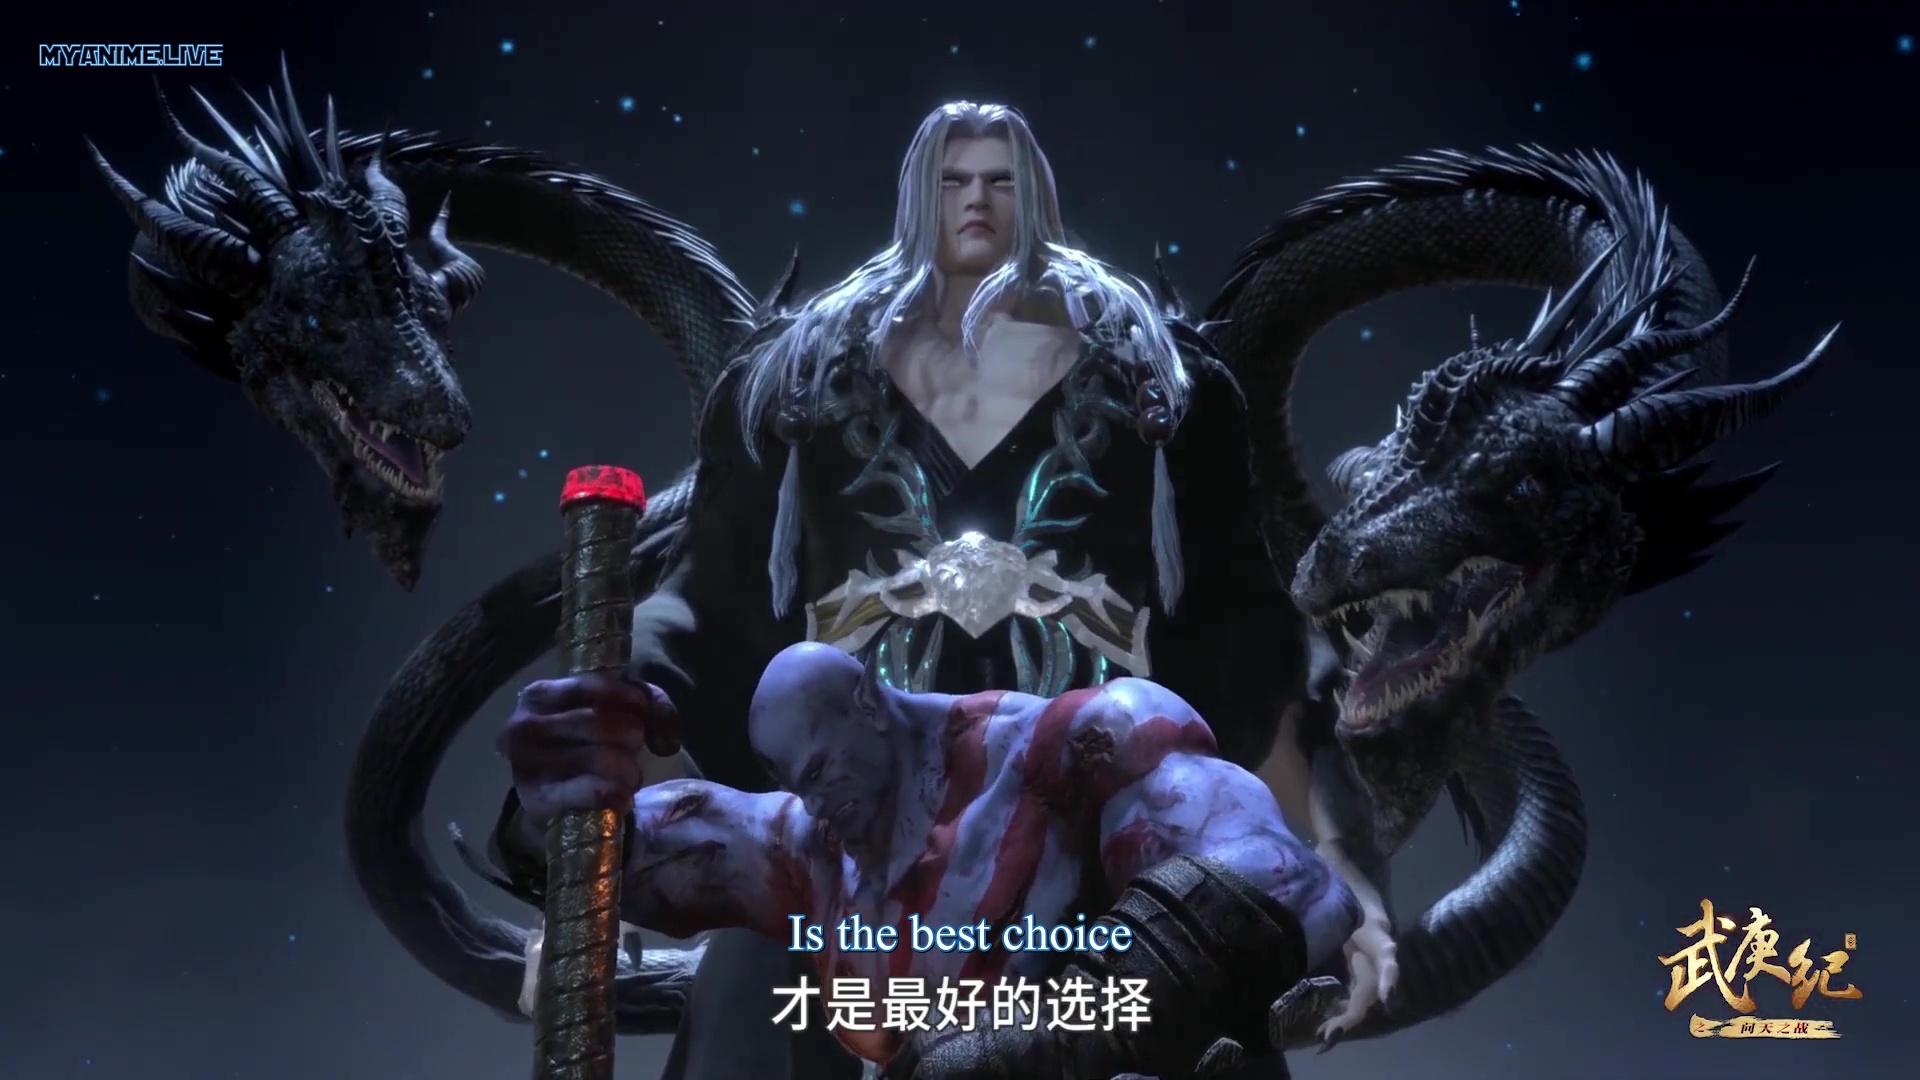 Wu Geng Ji 4th season episode 03 ( episode 117 ) english sub